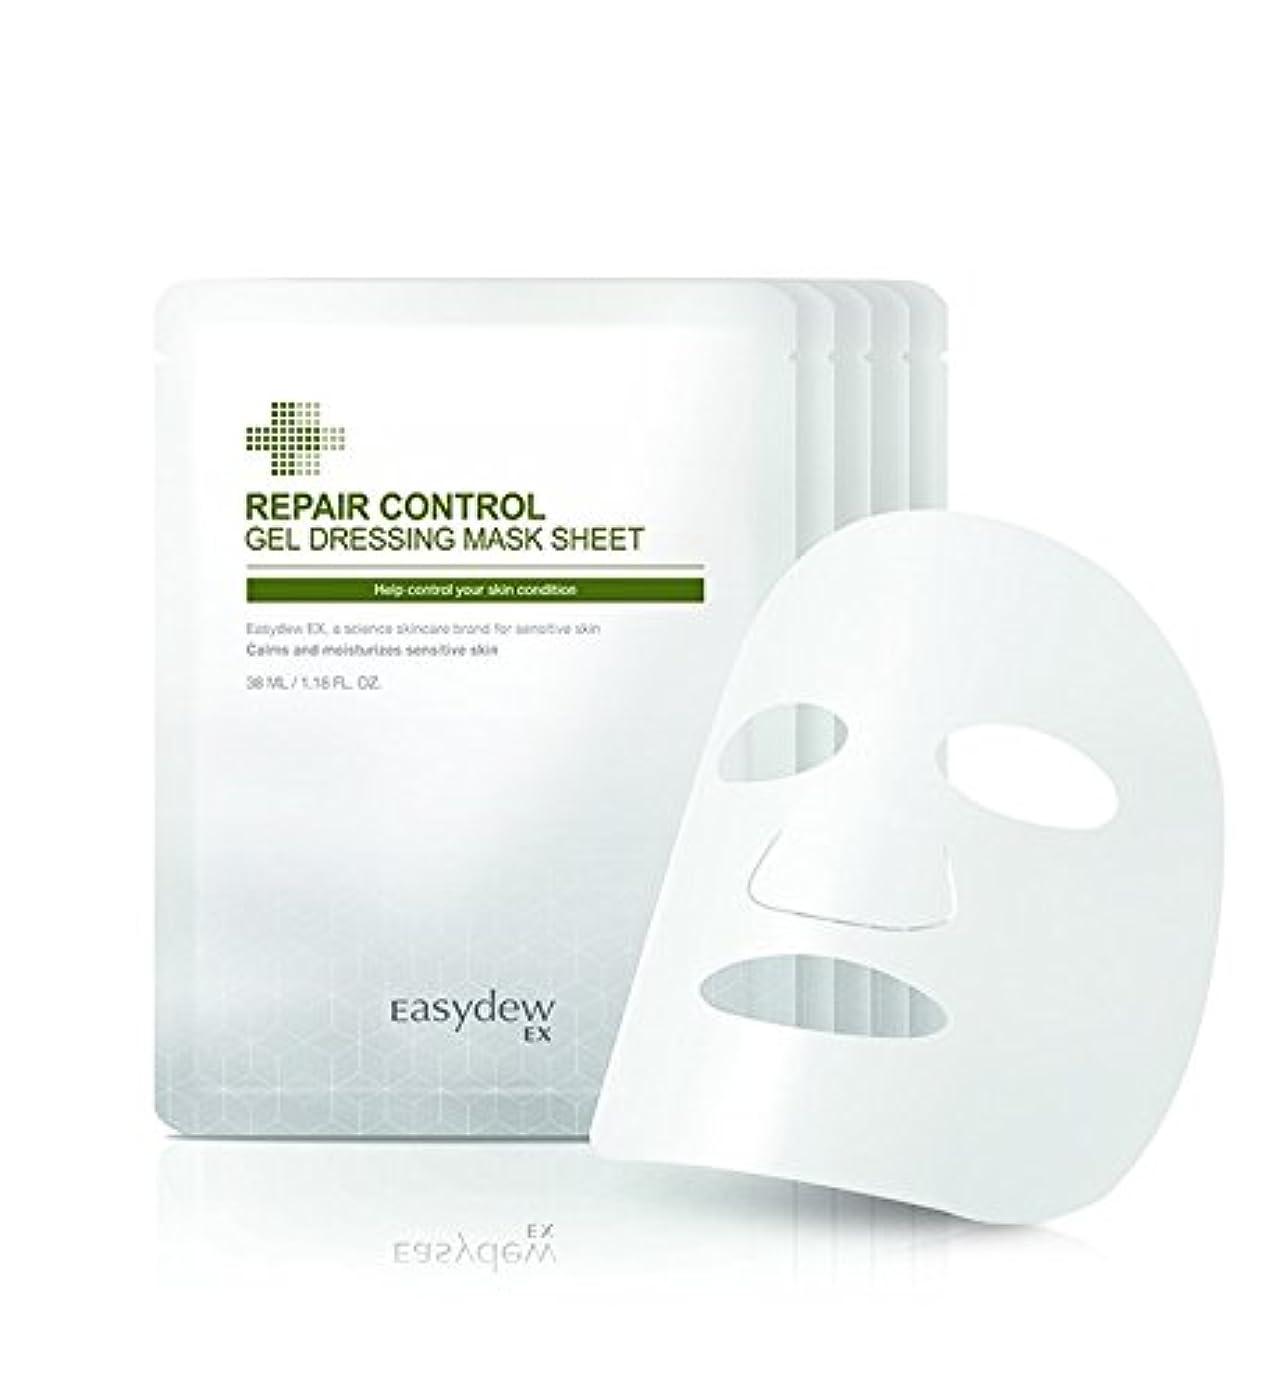 意図的裁定ながらデウン製薬 リペア コントロール ゲルドレッシング マスクシートー38ml X 5枚セット. Repair Control Gel Dressing Mask Sheet 38ml X 5P set.